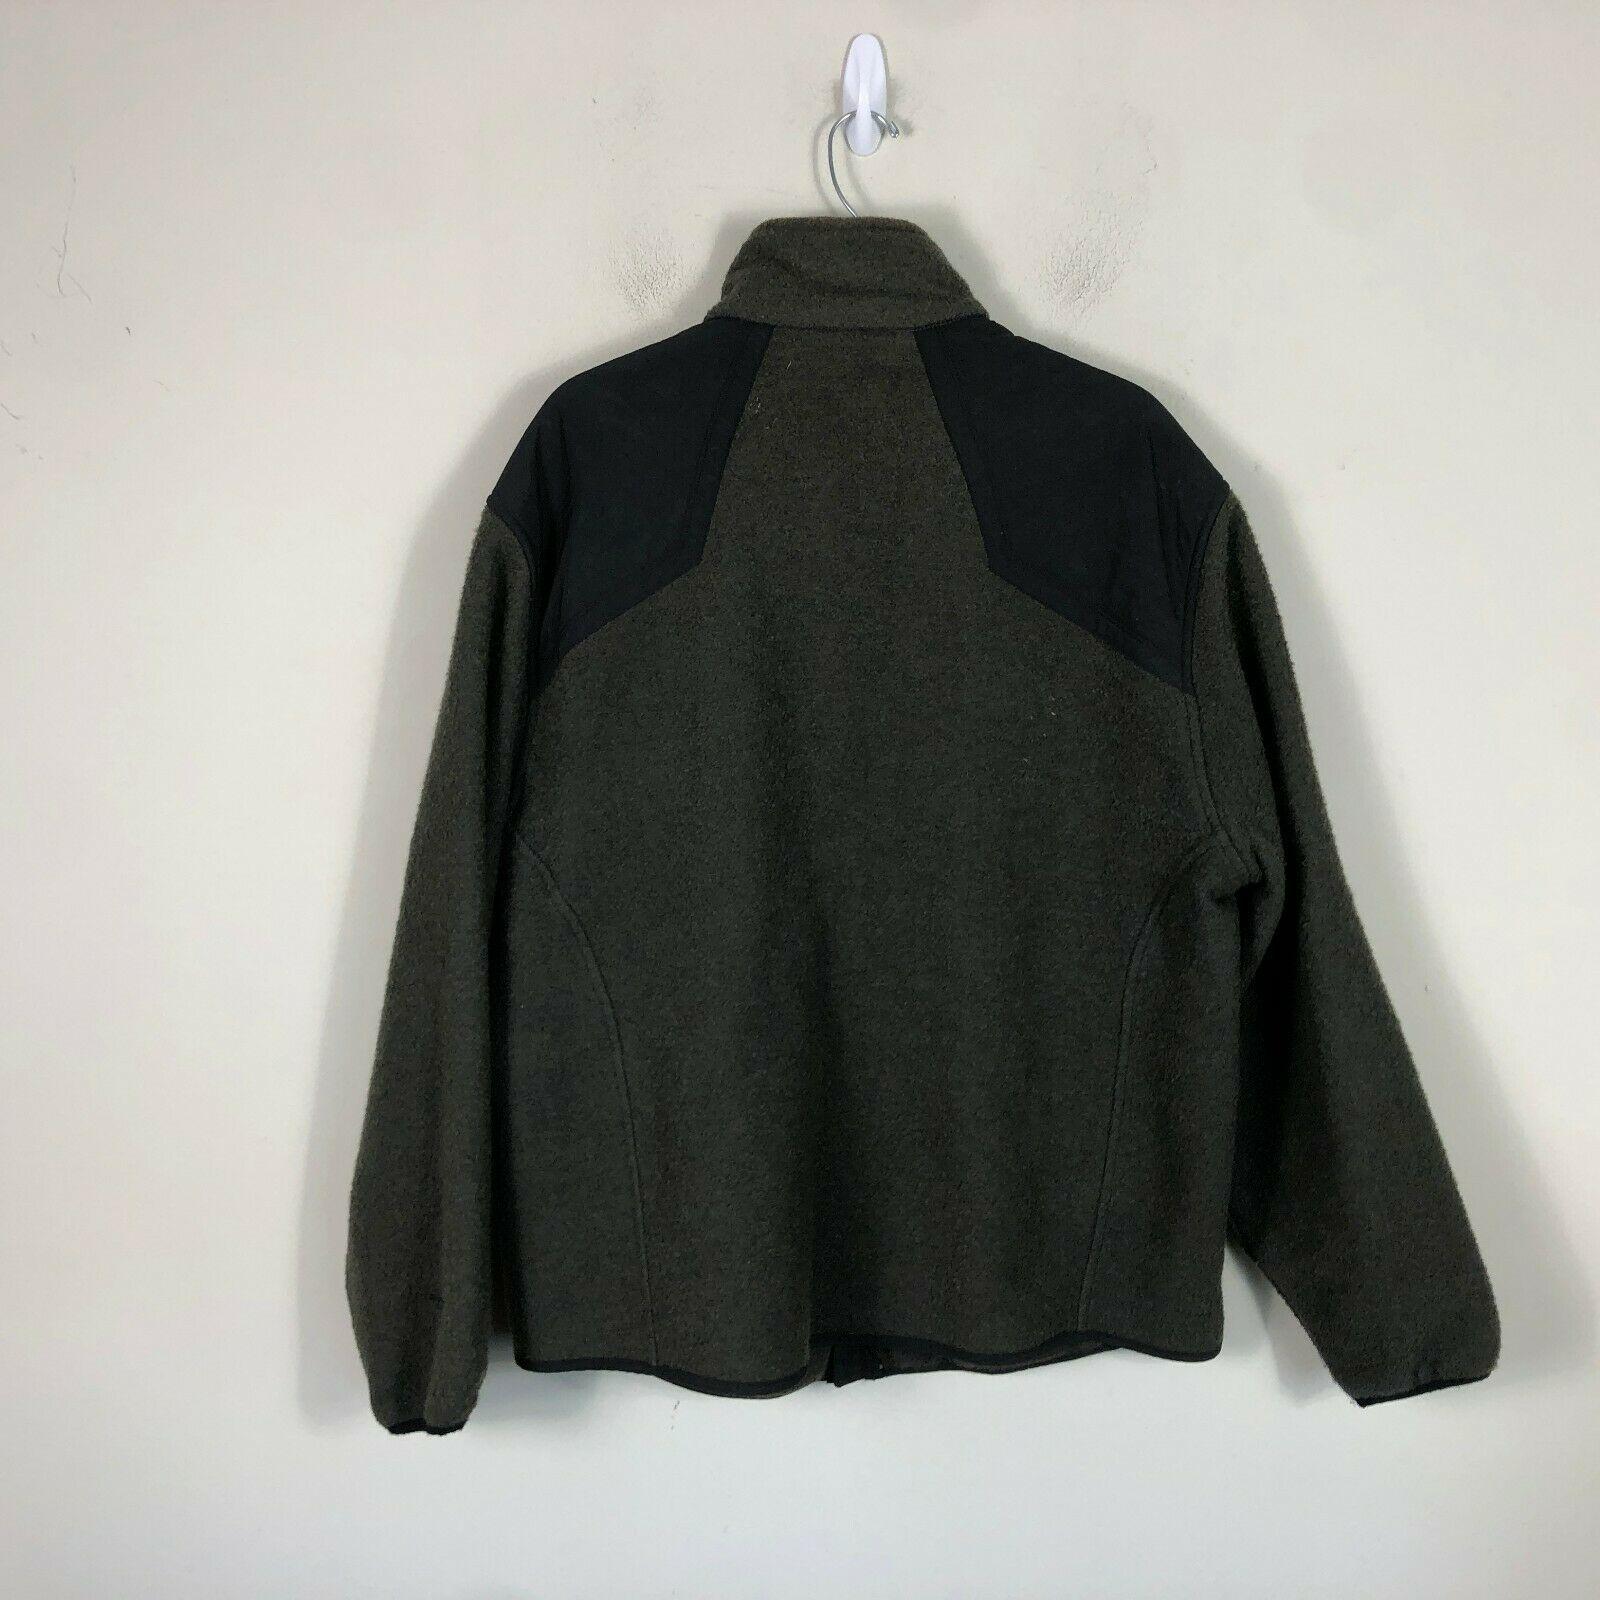 Wool Rich Wool Fleece Jacket Men's L Green Wool Blend Thick Winter Coat image 2